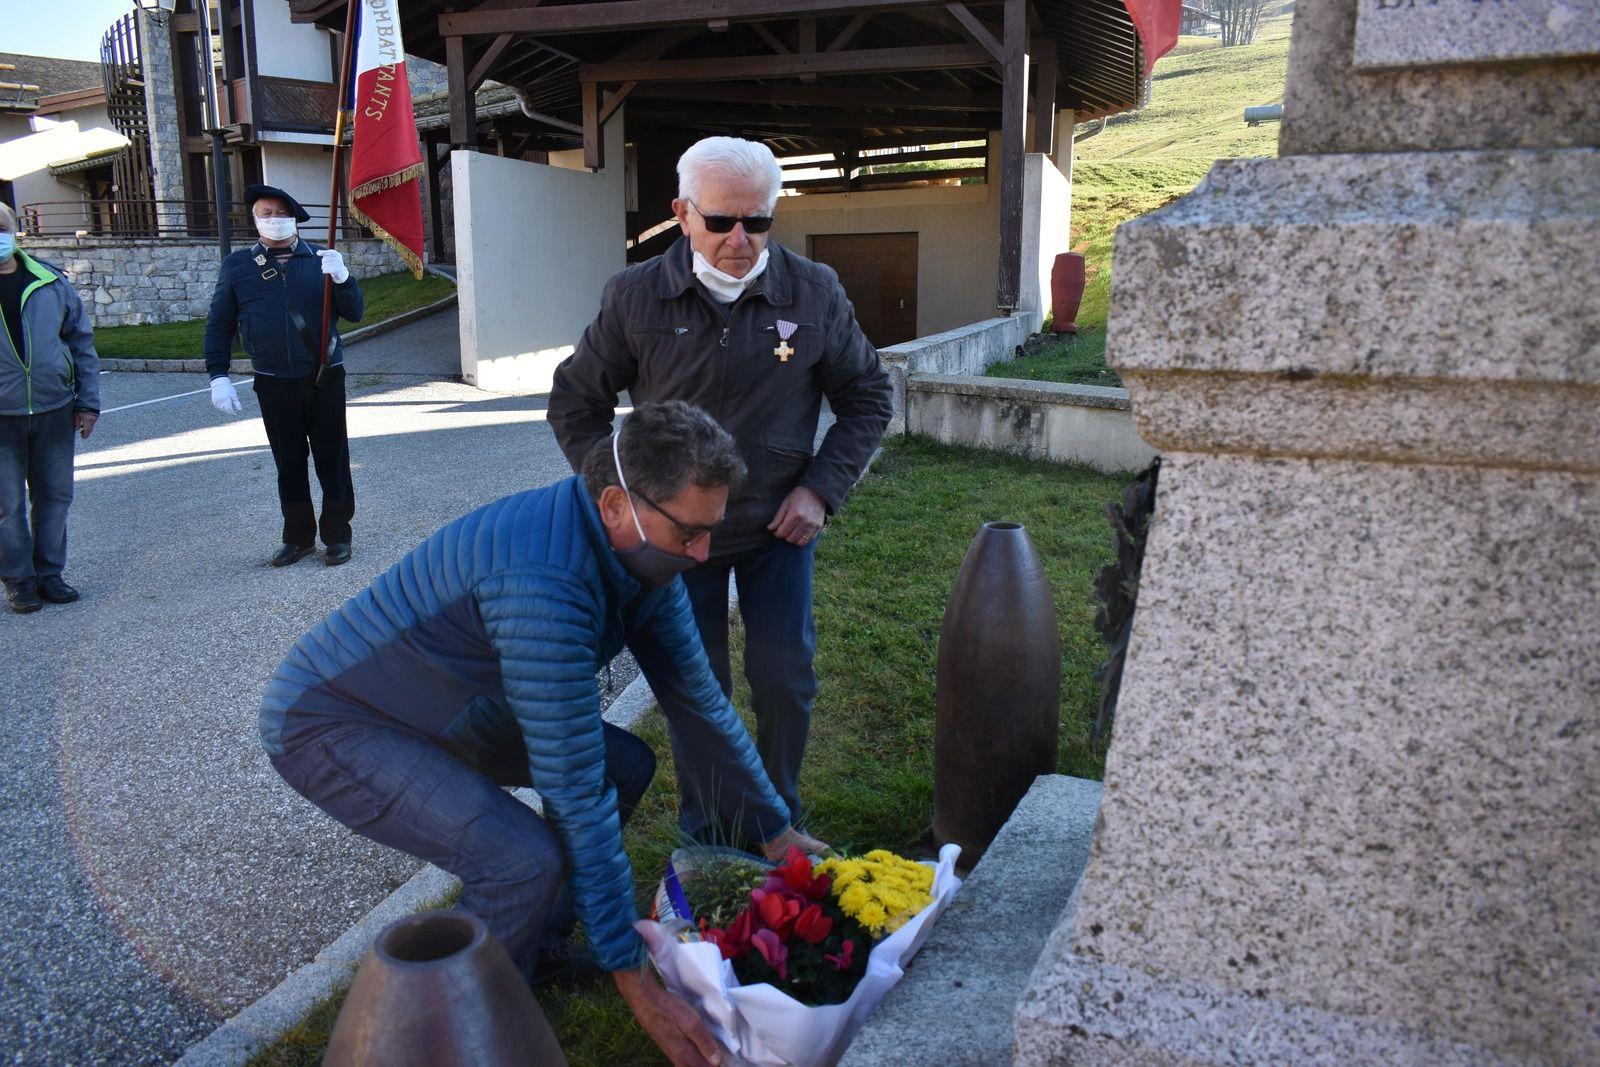 STATION DE CREST-VOLAND/COHENNOZ  (SAVOIE) MERCREDI 11 NOVEMBRE 2020 L'A.M.N.D.V.D.E.N A RENDU L'HOMMAGE À TOUS LES VALEUREUX POILUS MORTS POUR LA FRANCE LORS DE LA 1ÈRE GUERRE MONDIALE DE 1914 À 1918.